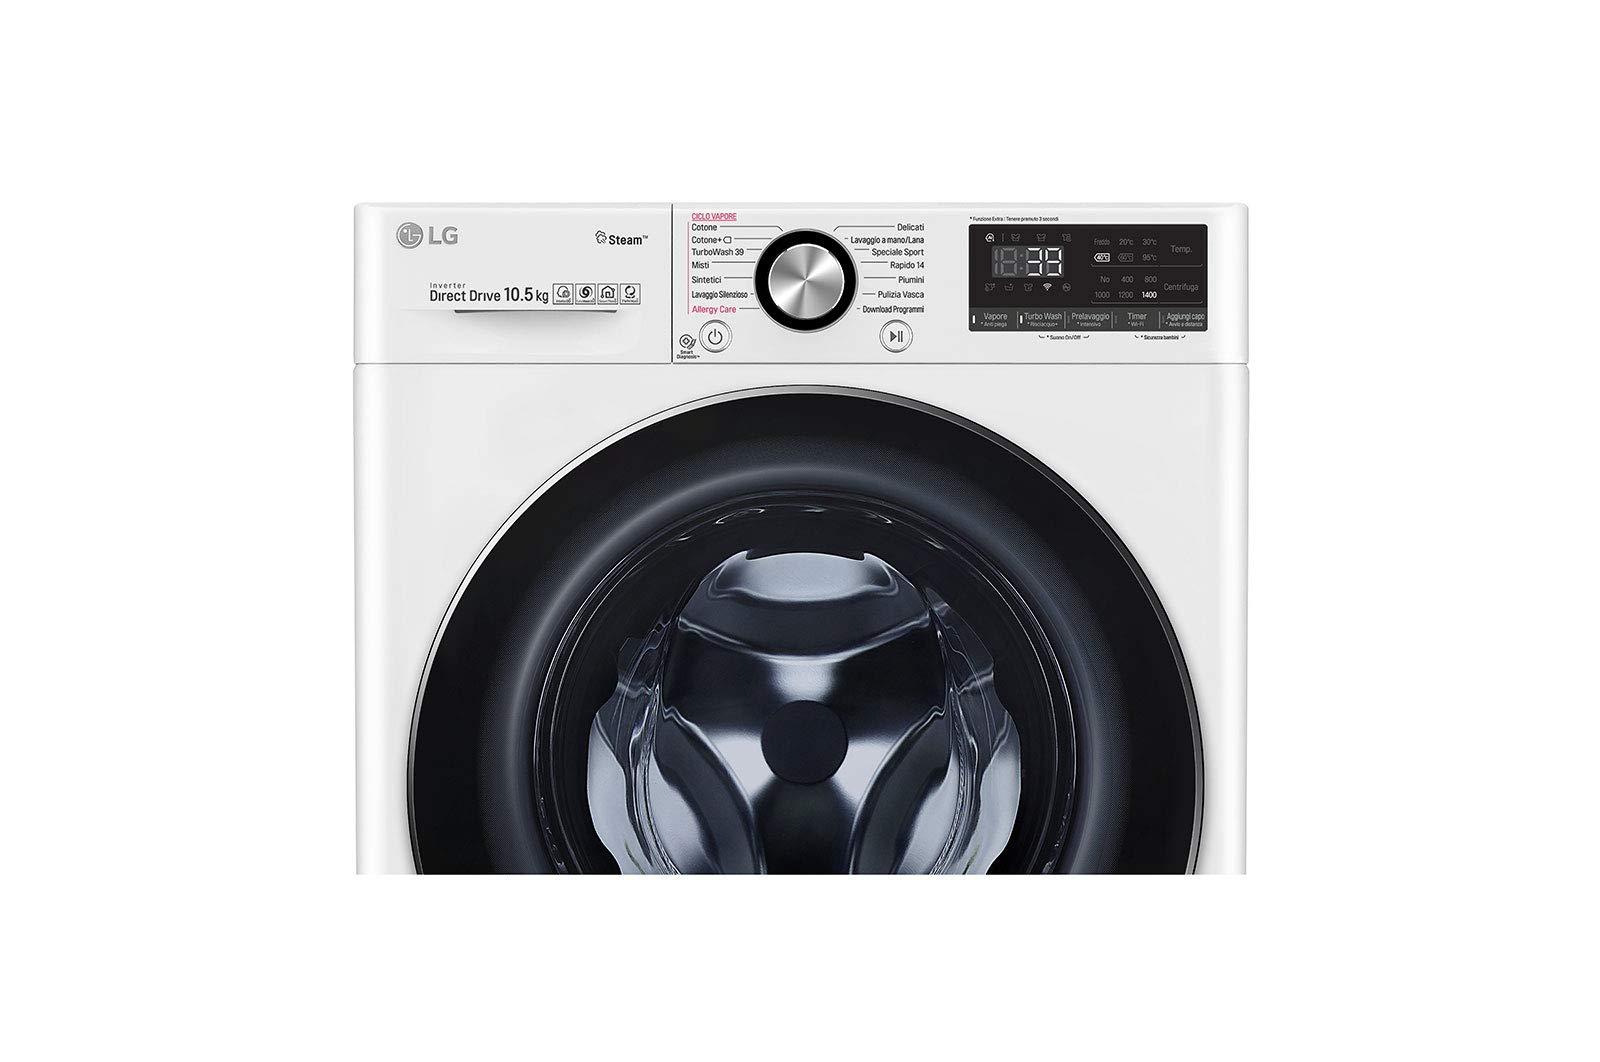 LG-F4WV910P2-Waschmaschine-freistehend-Frontlader-105-kg-1400-Umin-A-50-Waschmaschinen-freistehend-Frontlader-Wei-Drehknpfe-links-150-